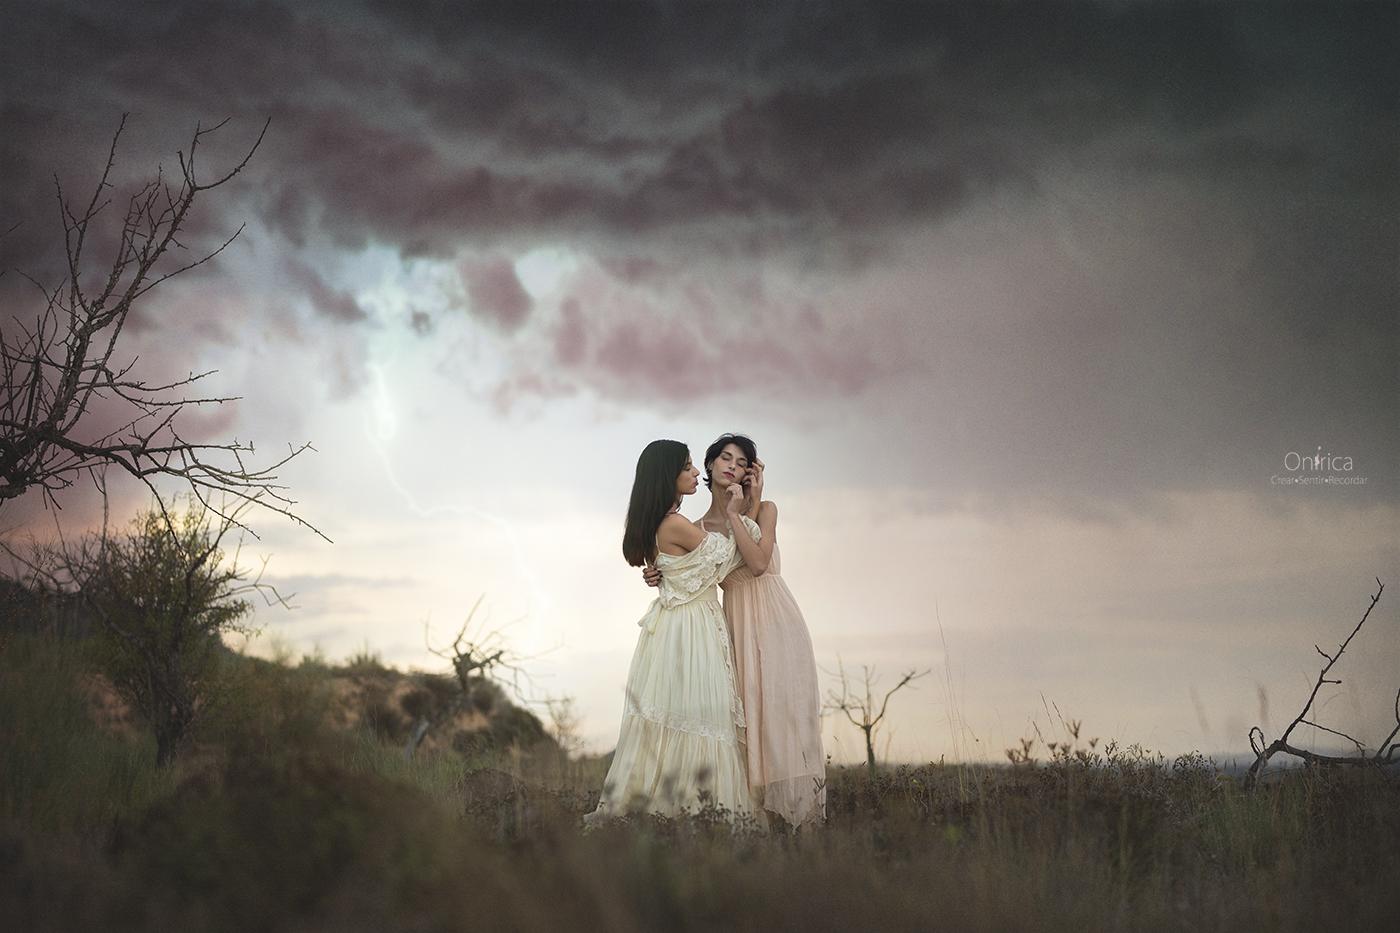 Fotografía creativa - Sesiones de fotografía creativa y de fantasía | Valencia